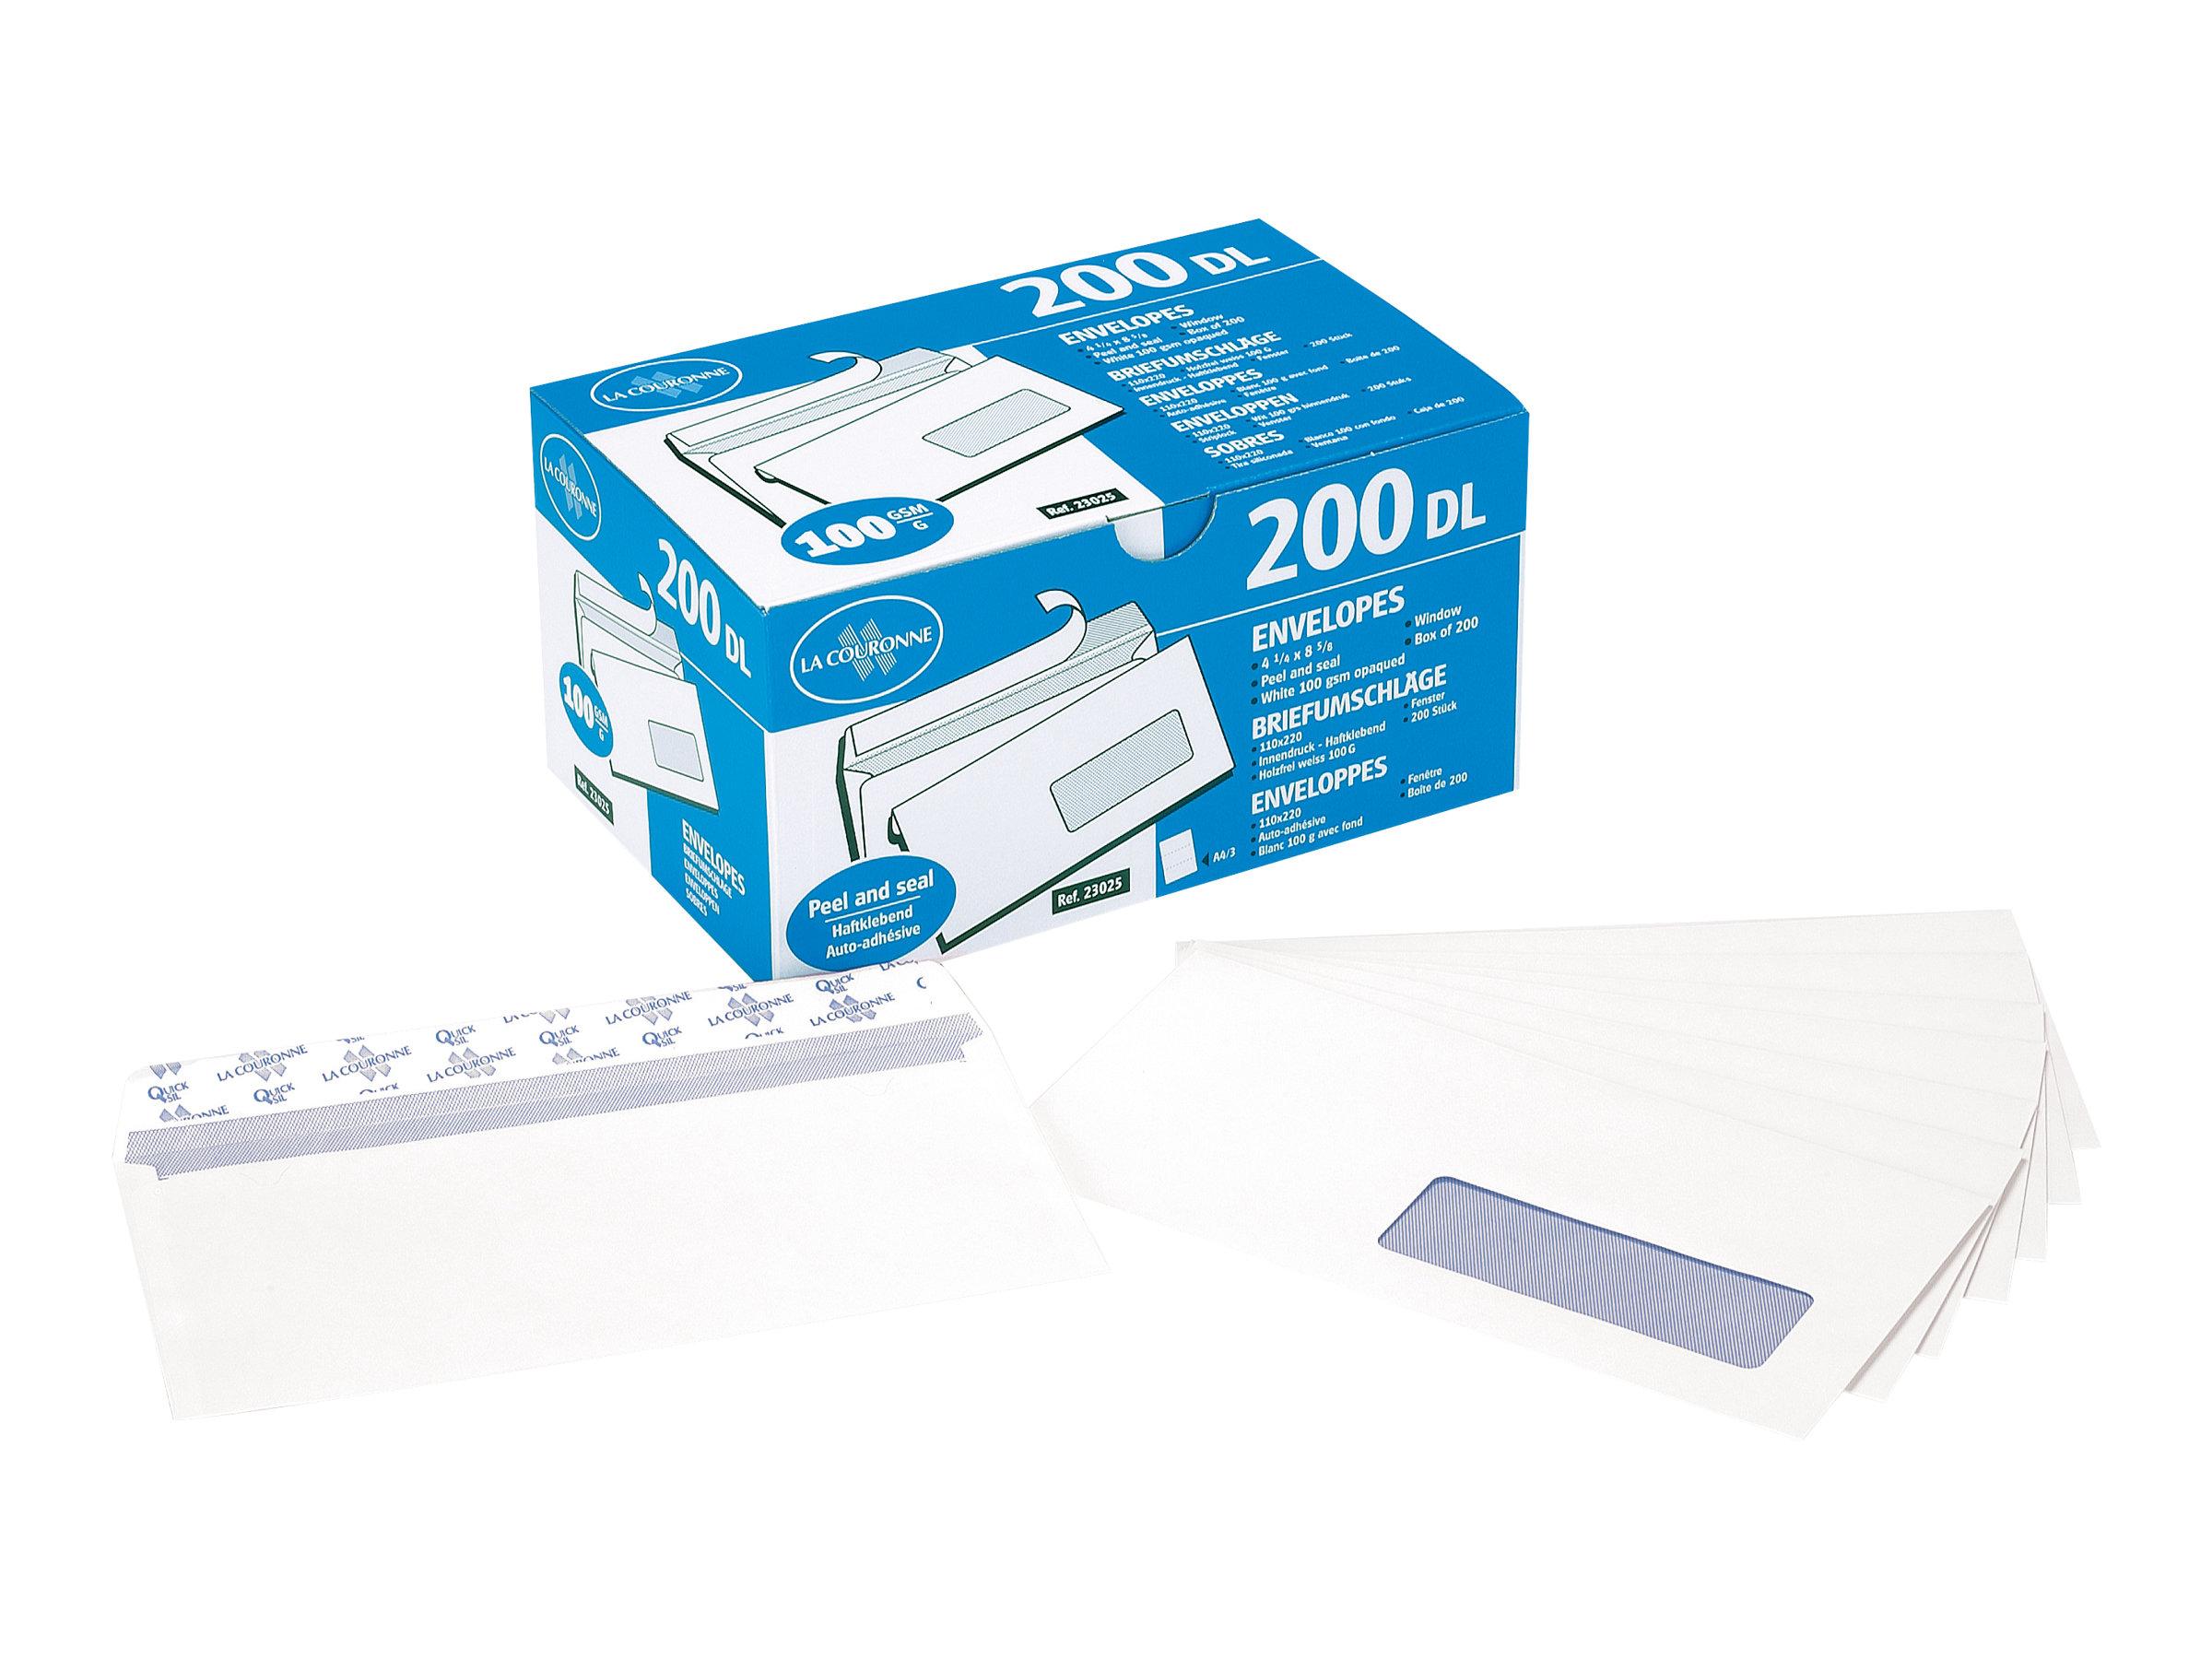 La Couronne - 200 Enveloppes C6 114 x 162 mm - 100 gr - blanc - sans fenêtre - bande auto-adhésive